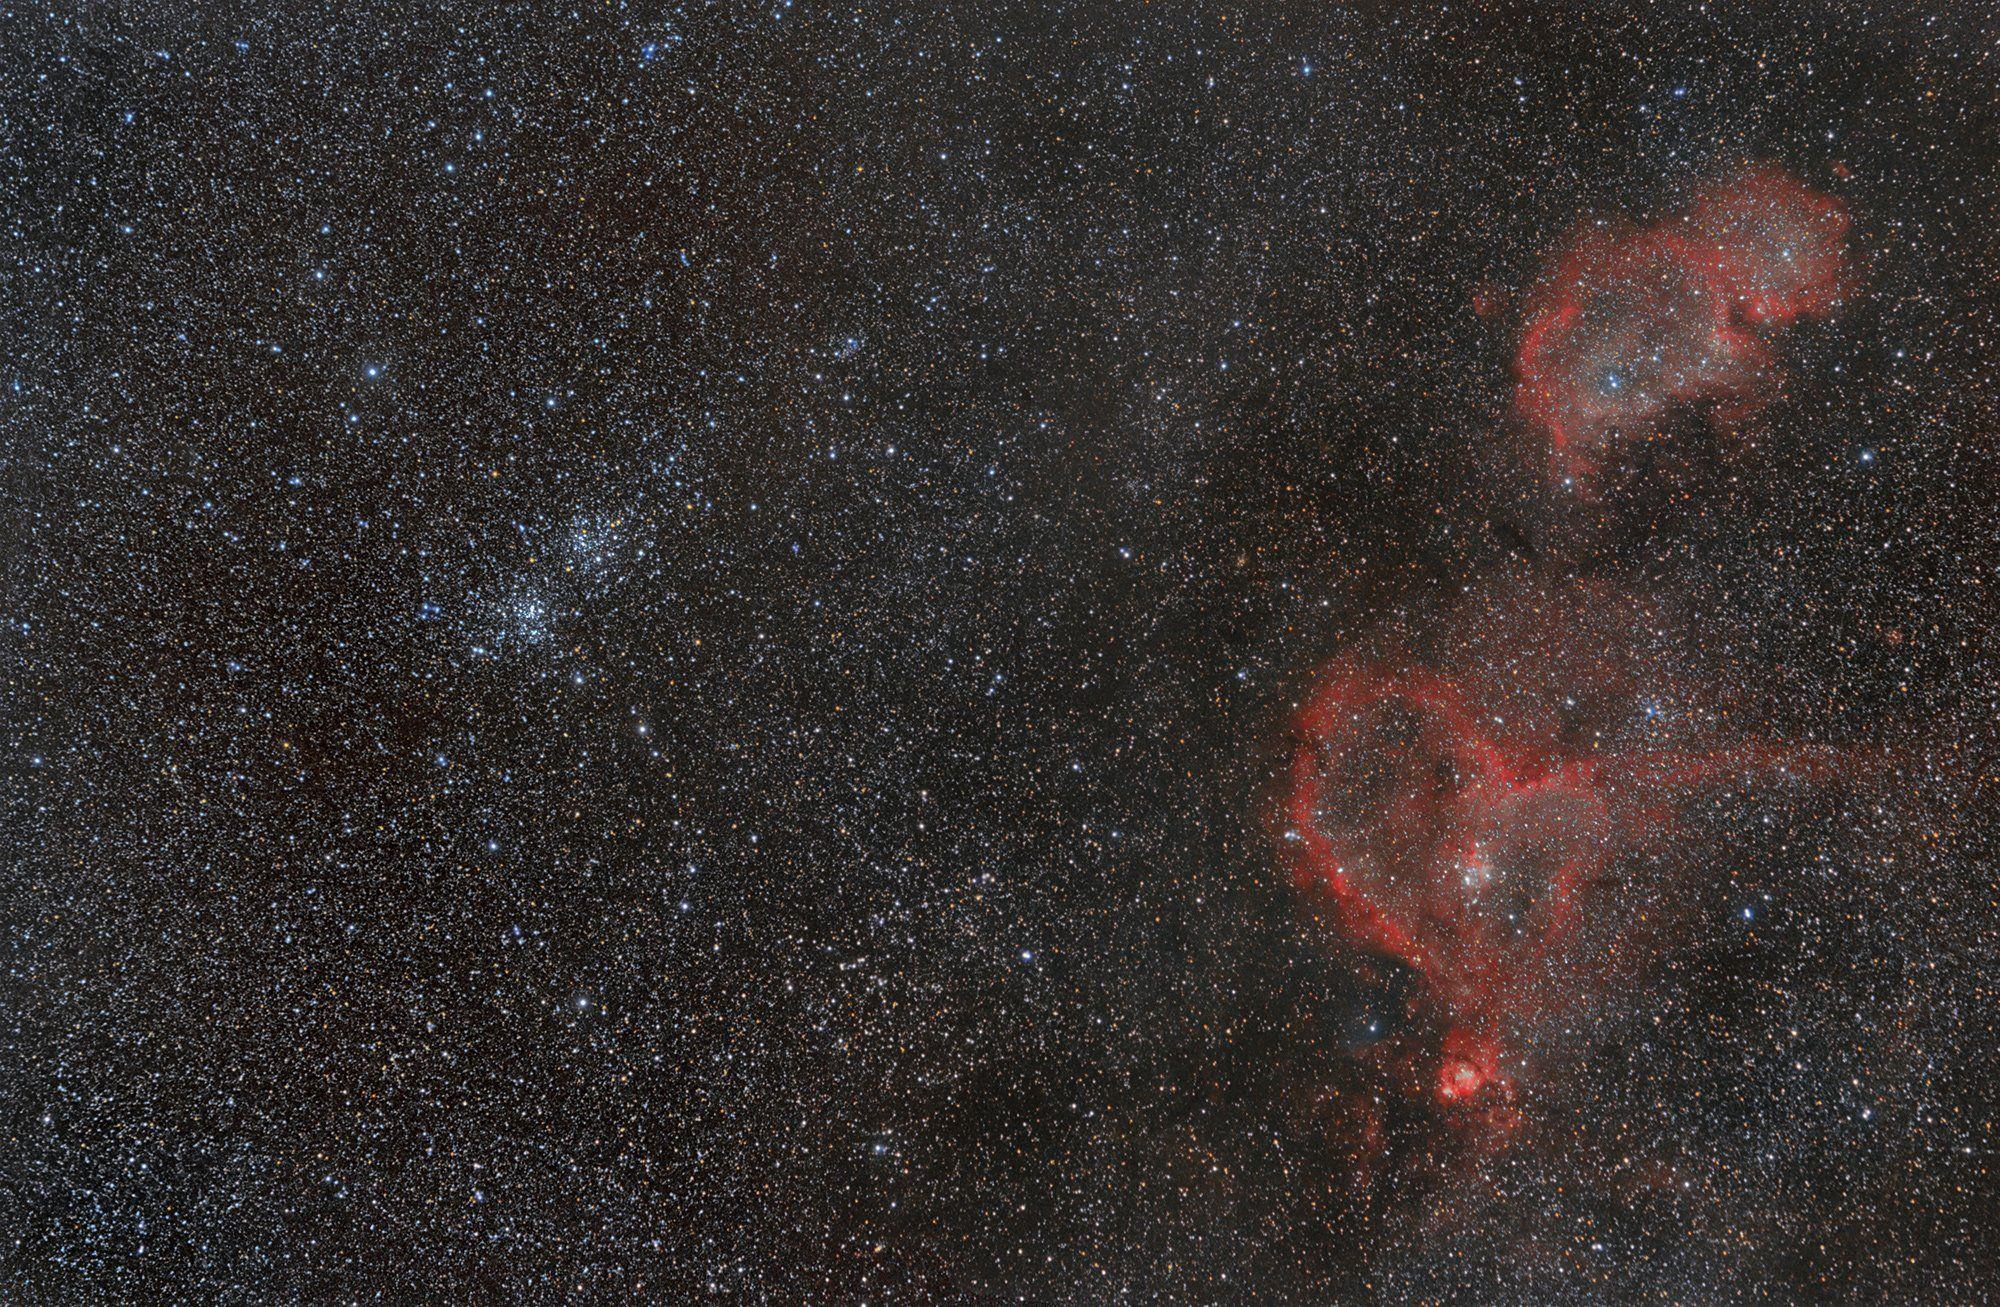 астрофотография, фотографии космоса, космос. туманности душа и сердце., Кузнецов Сергей